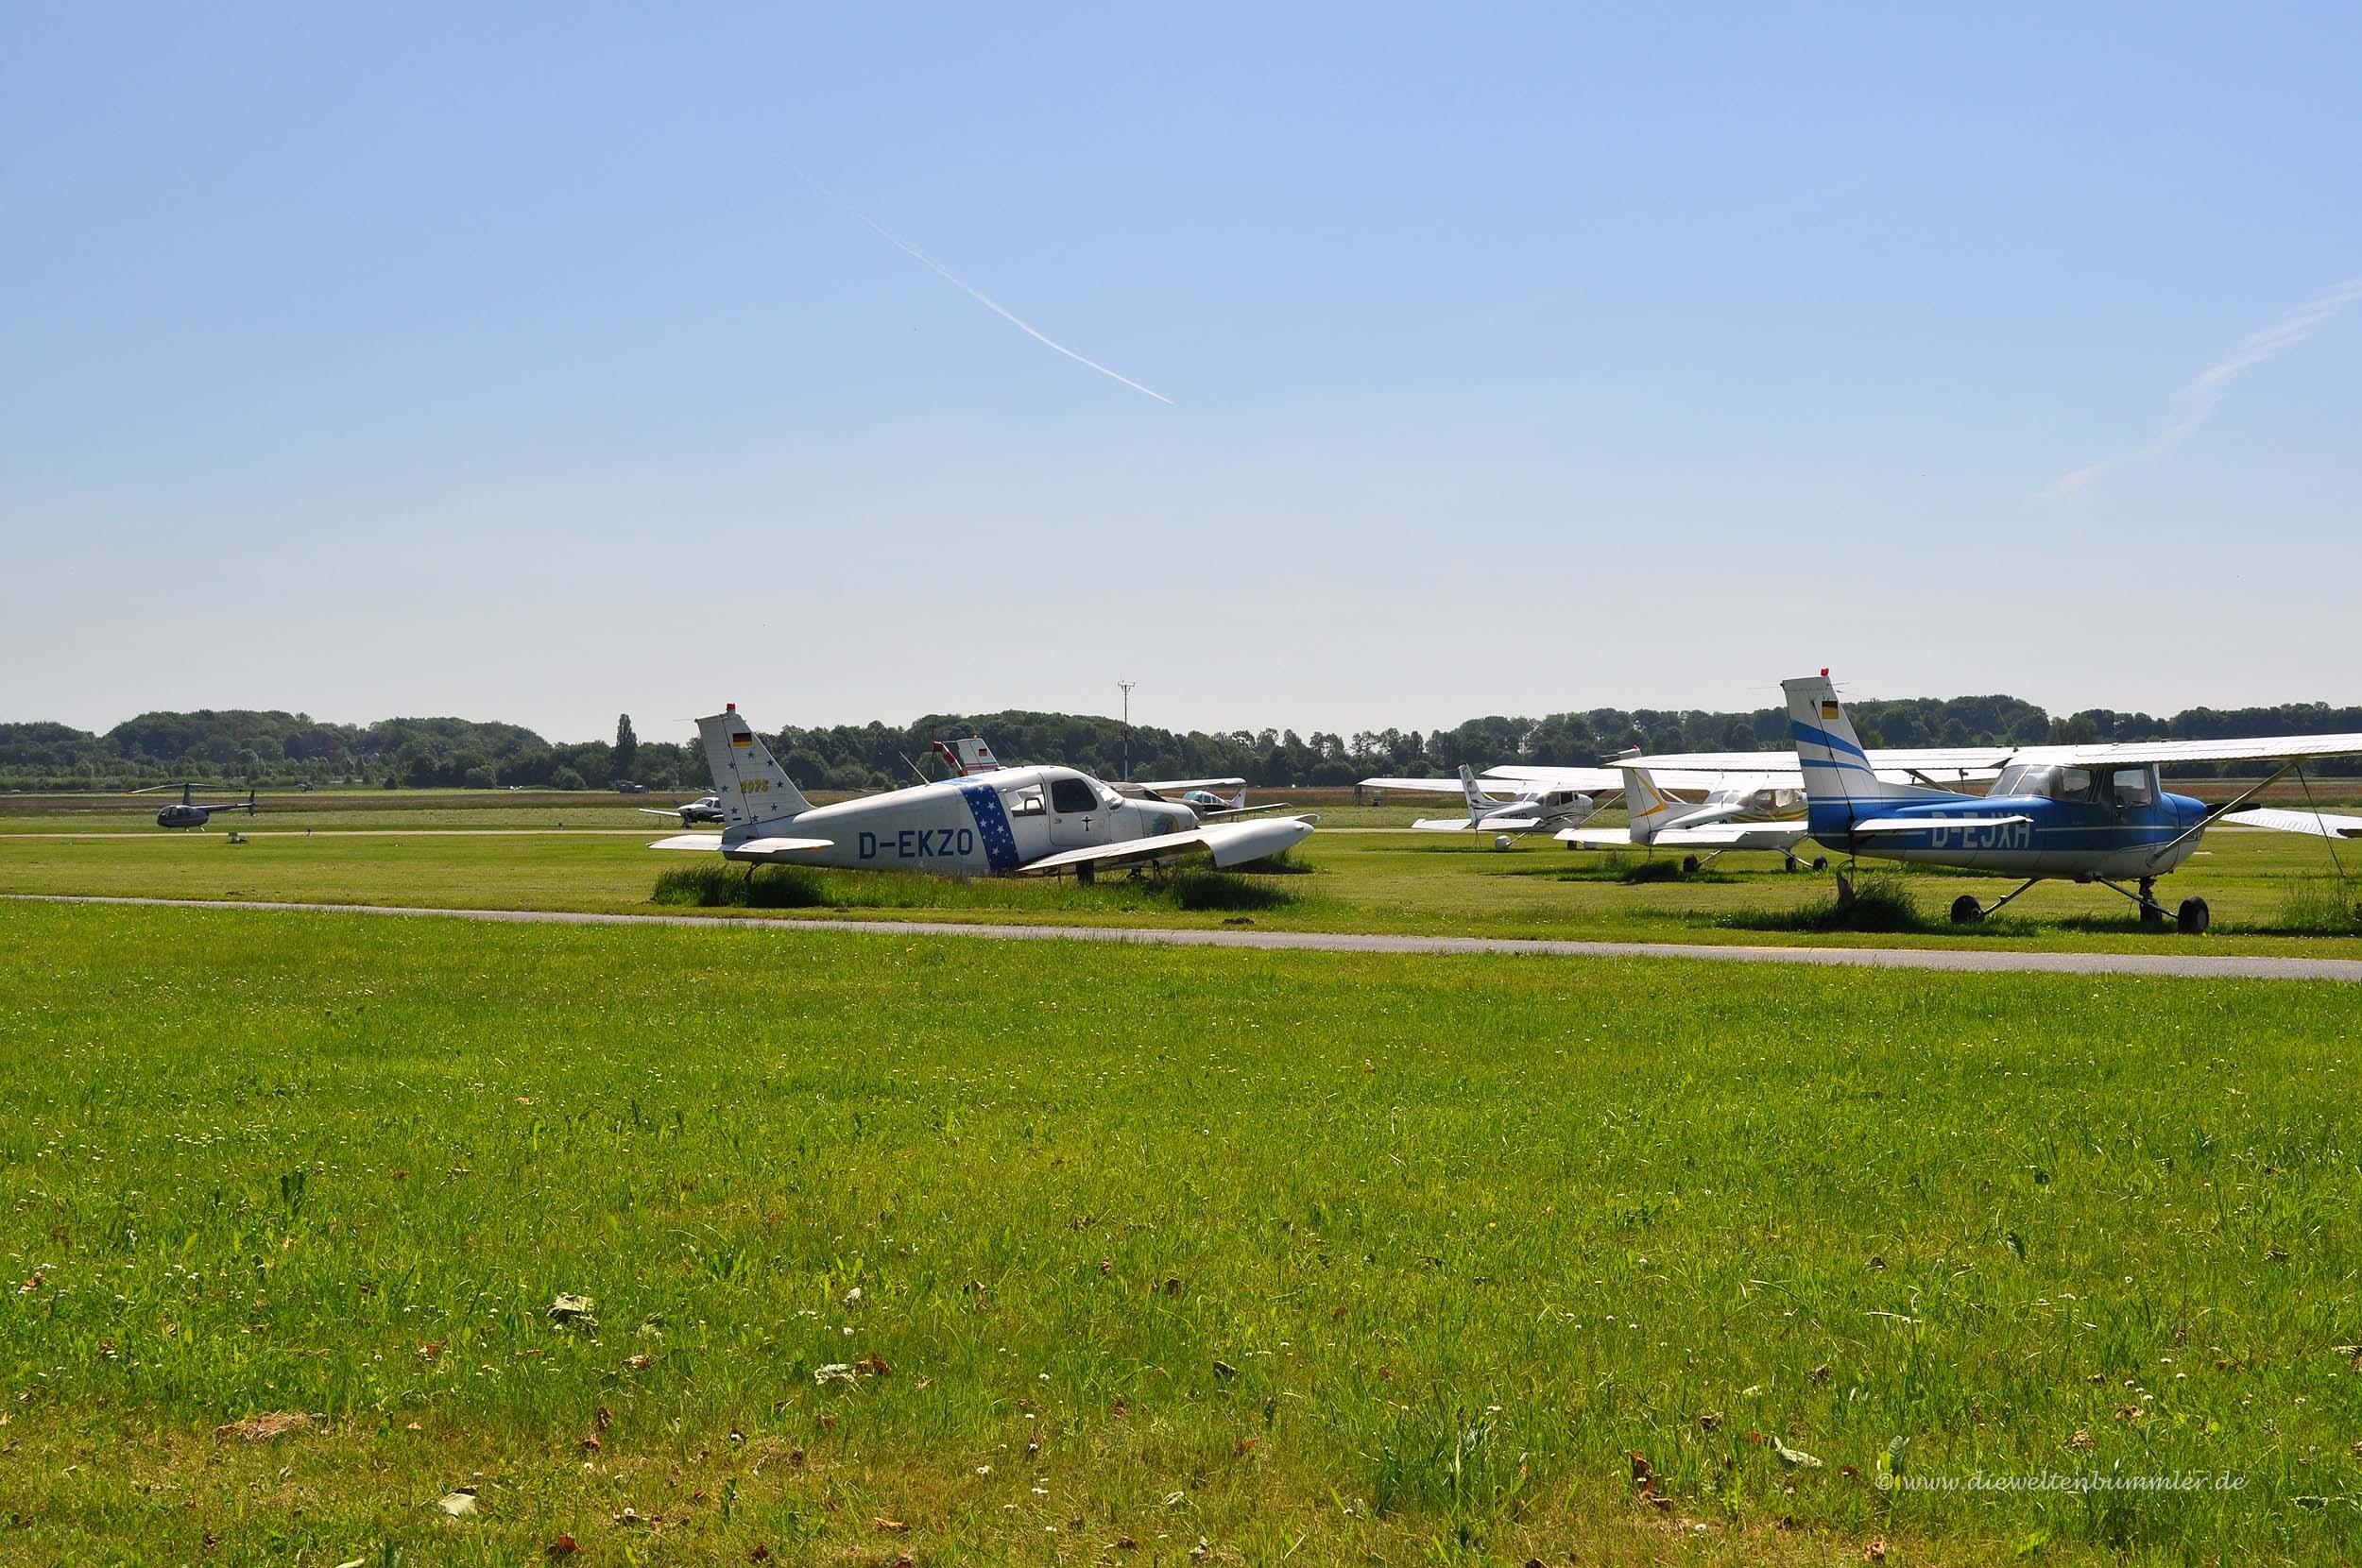 Flughafen Essen-Mülheim